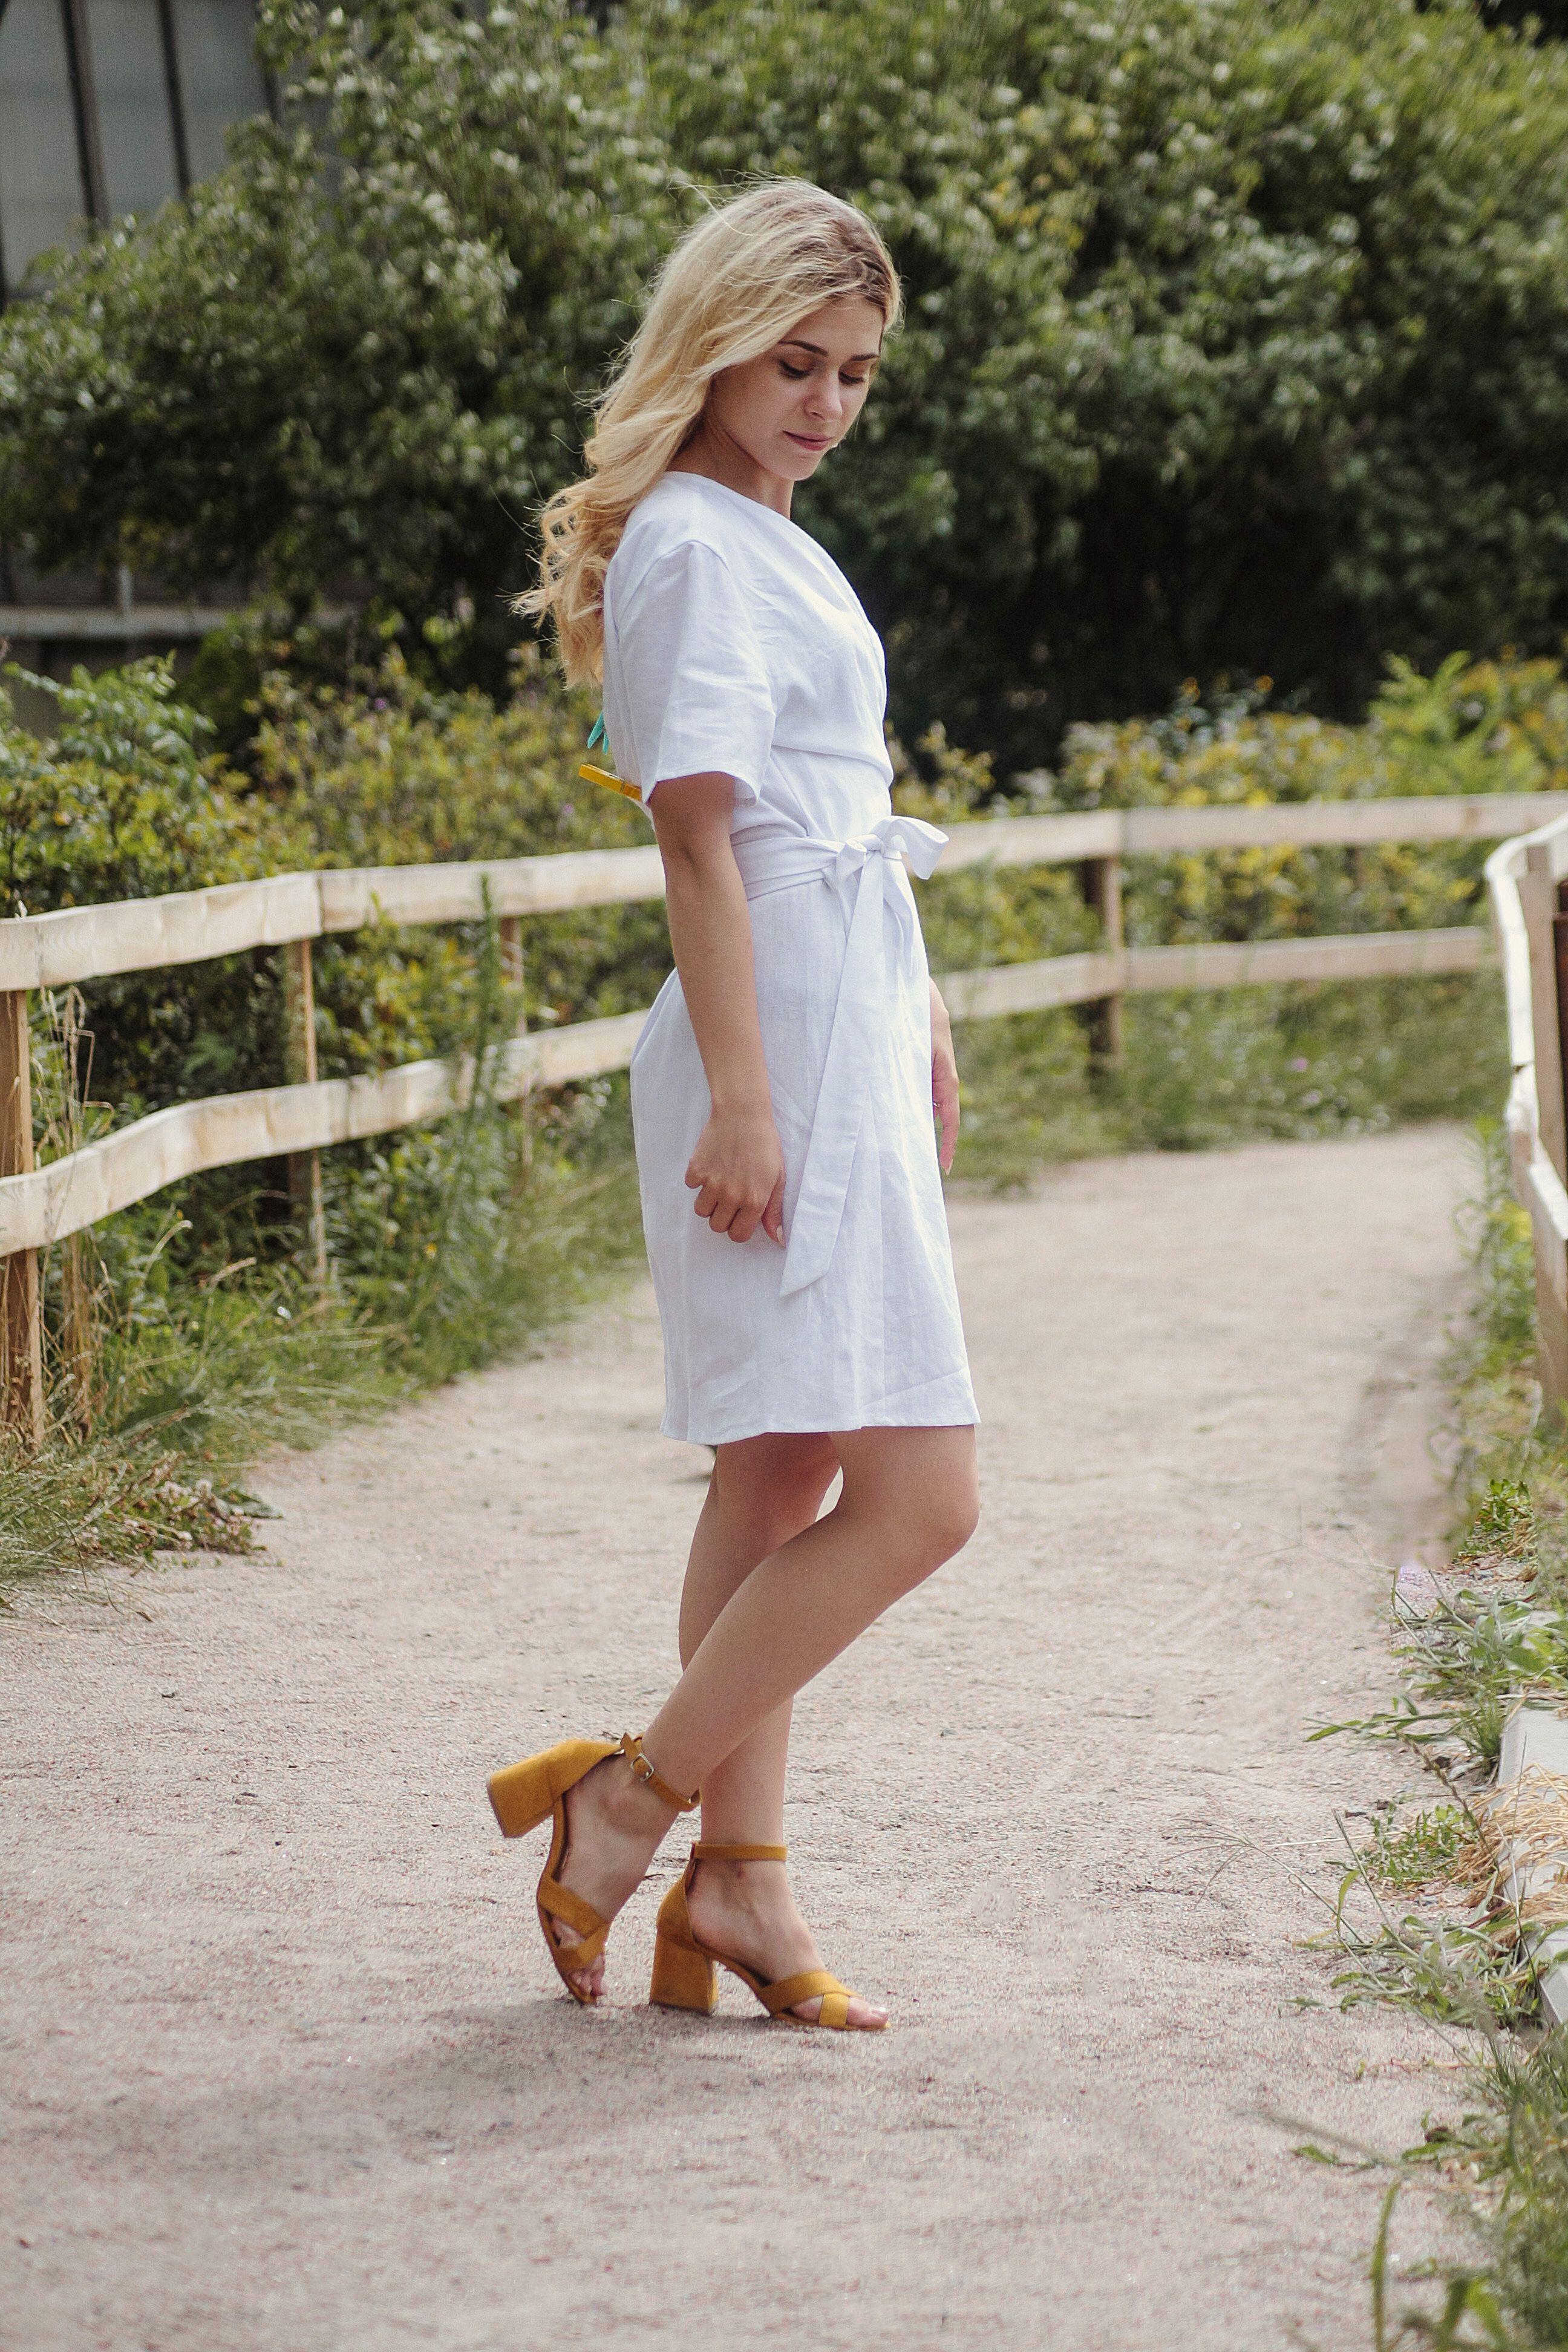 Linen Wedding Dress White Linen Dress Linen Dresses Wrap Etsy Linen Wedding Dress White Linen Dresses Linen Dress